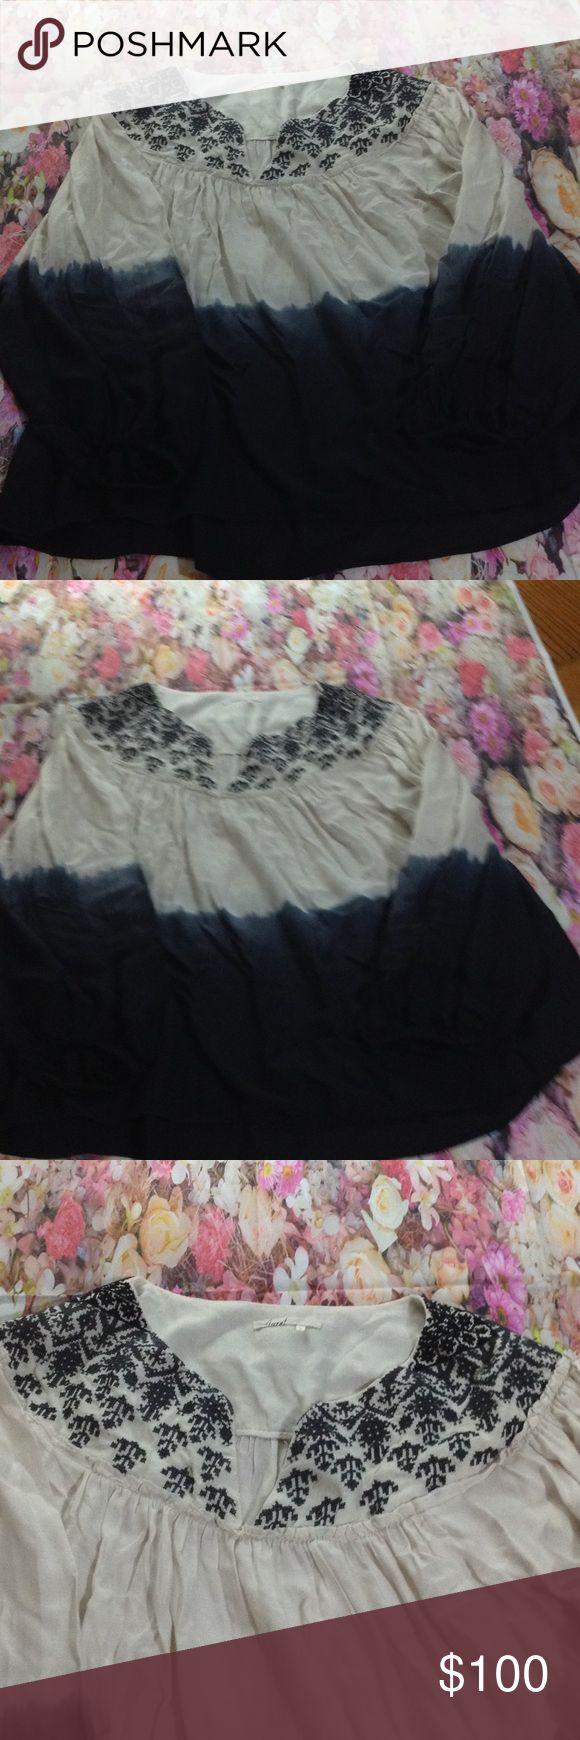 Floreat Peasant Dip dye blouse FLOREAT Peasant Dip Dye Blouse Used Only 1 Time floreat Tops Blouses